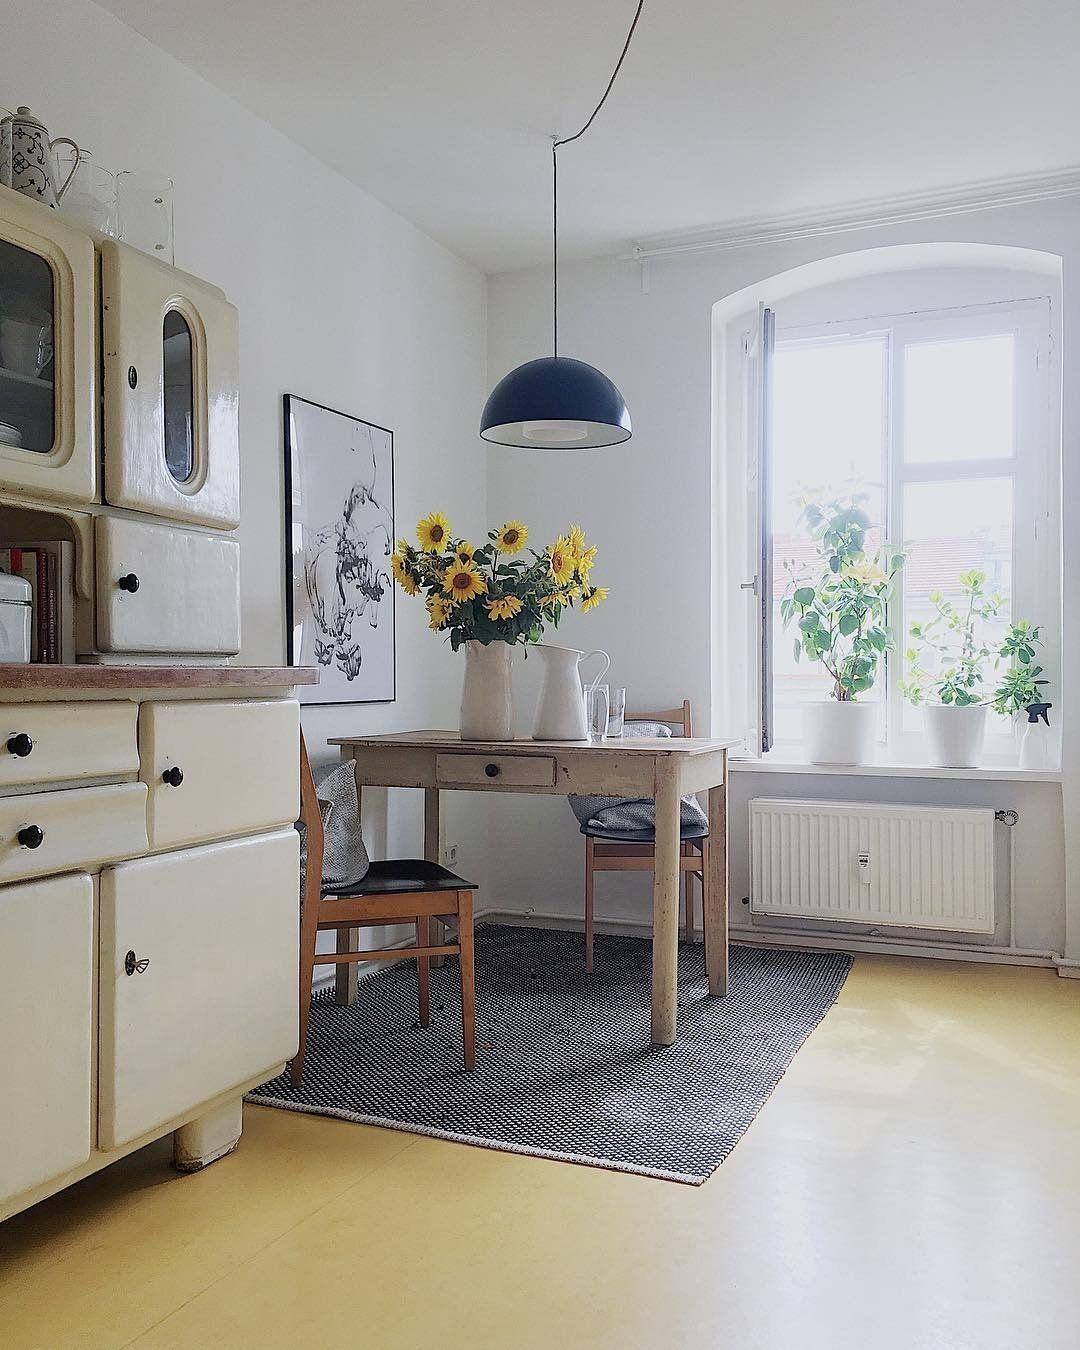 die besten ideen f r die wandgestaltung in der k che seite 1. Black Bedroom Furniture Sets. Home Design Ideas